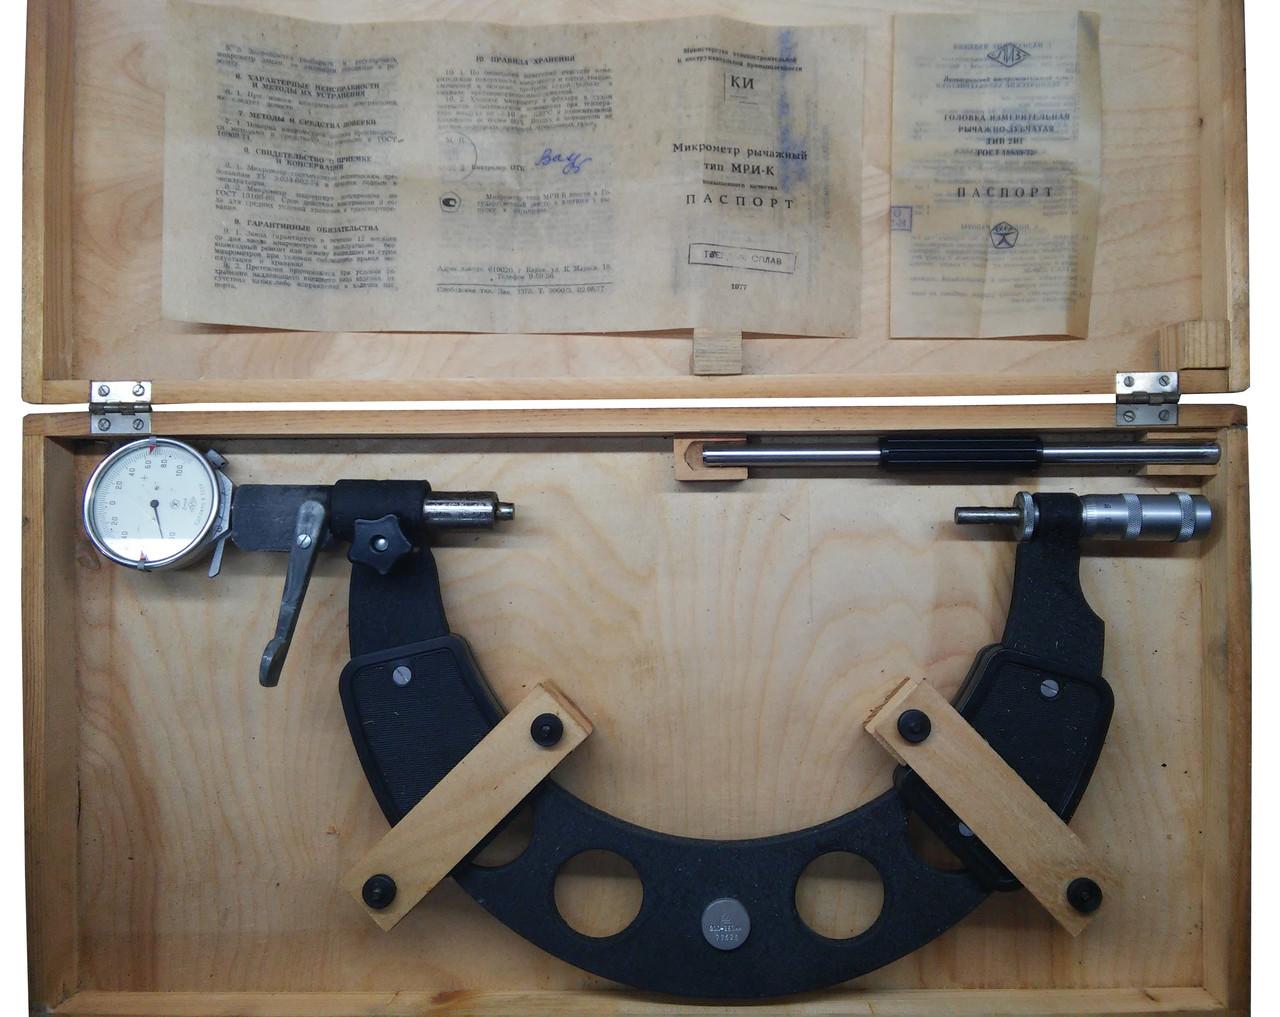 Микрометр МРИ-К 250 (150-200мм) ГОСТ 4381-77, Красный Инструментальщик, Россия